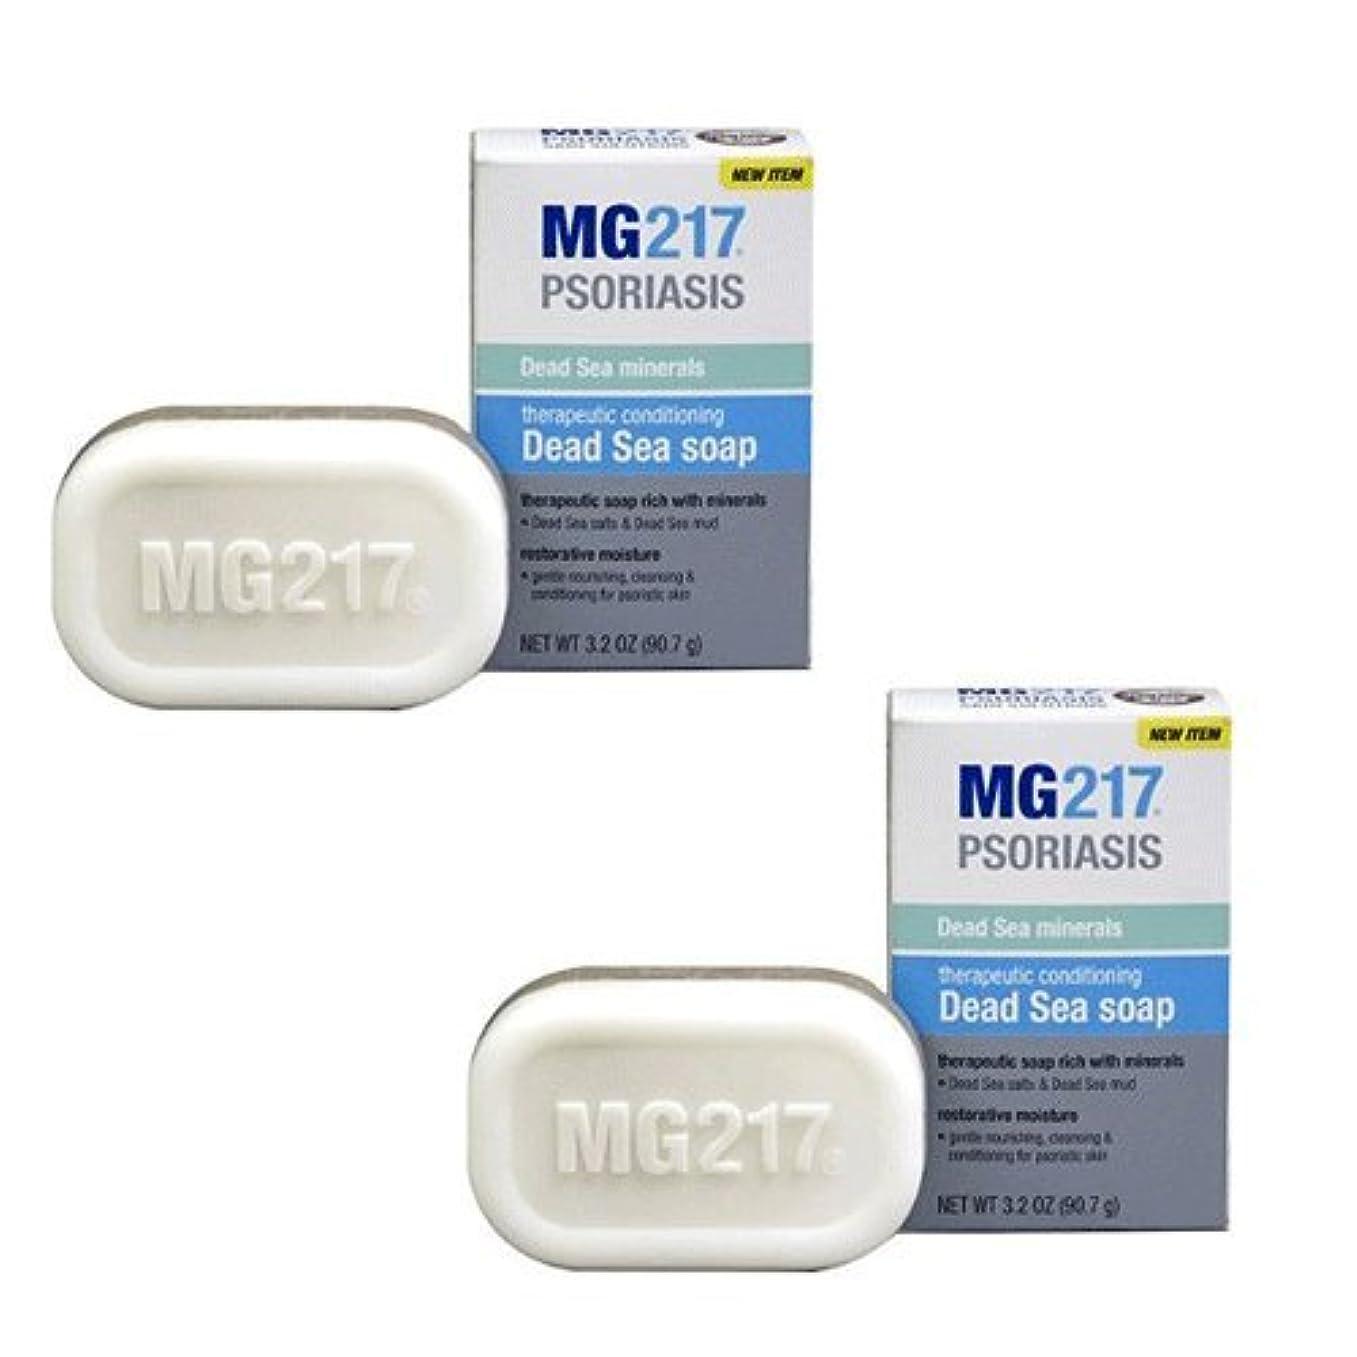 オリエンタルリズミカルなバイオレット2個セット 死海の泥とミネラルたっぷり MG217ソープ 90g MG217 Psoriasis Therapeutic Conditioning Dead Sea Bar Soap